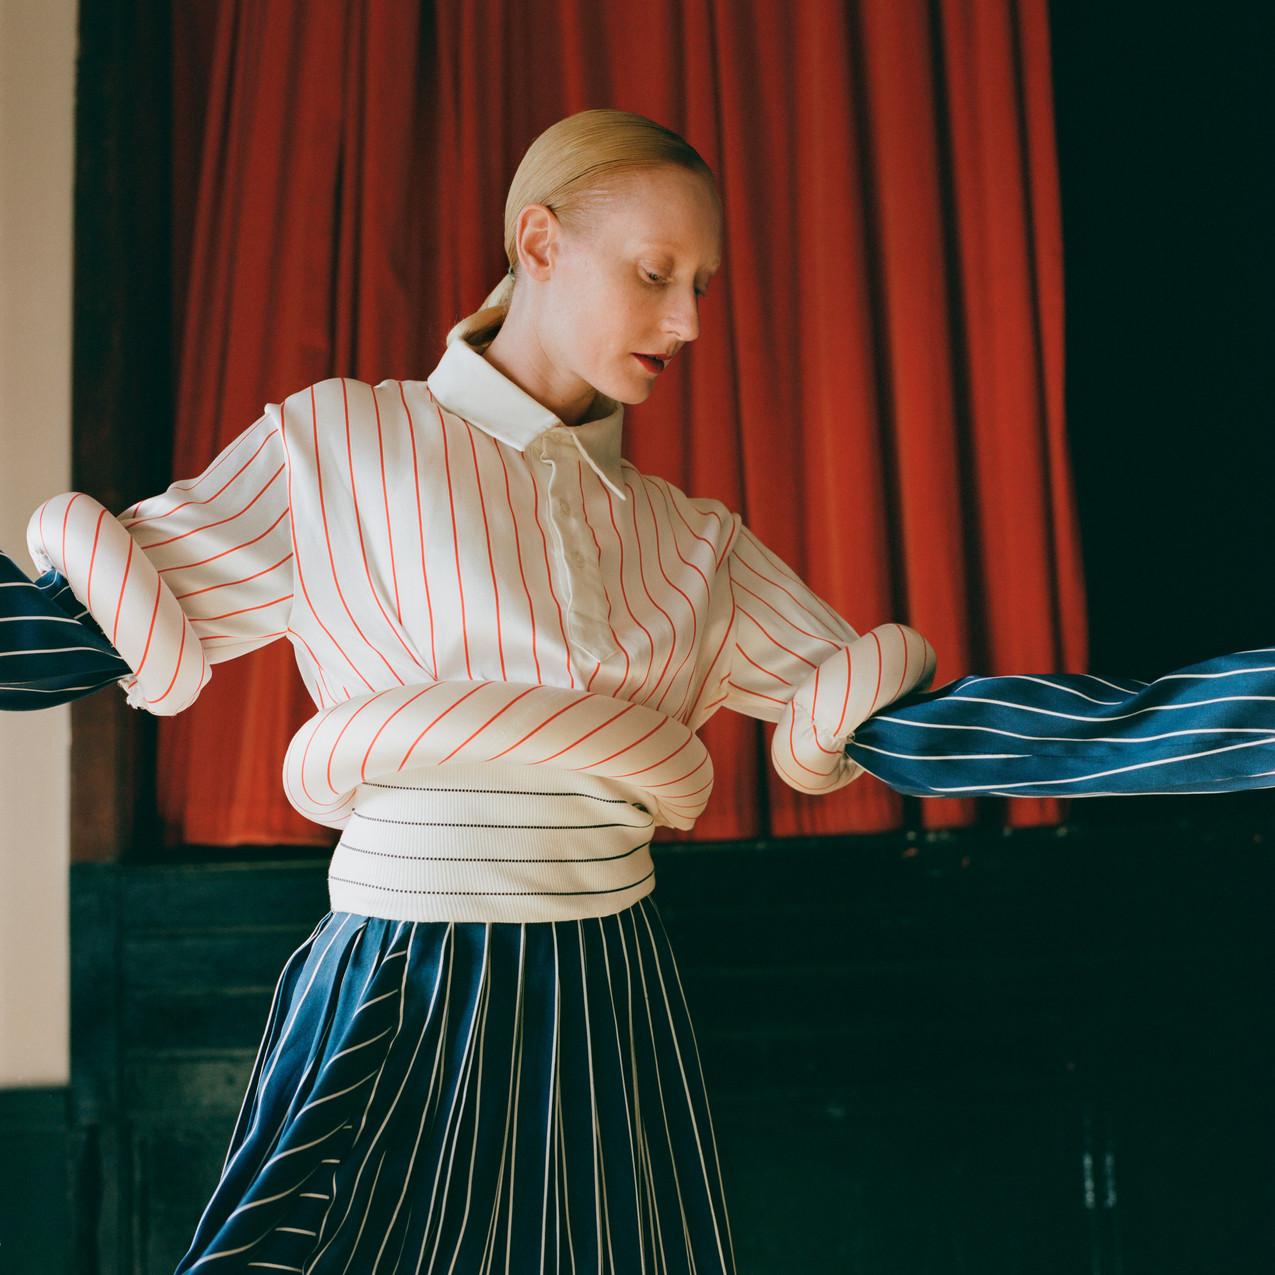 Model Katie Hardwick